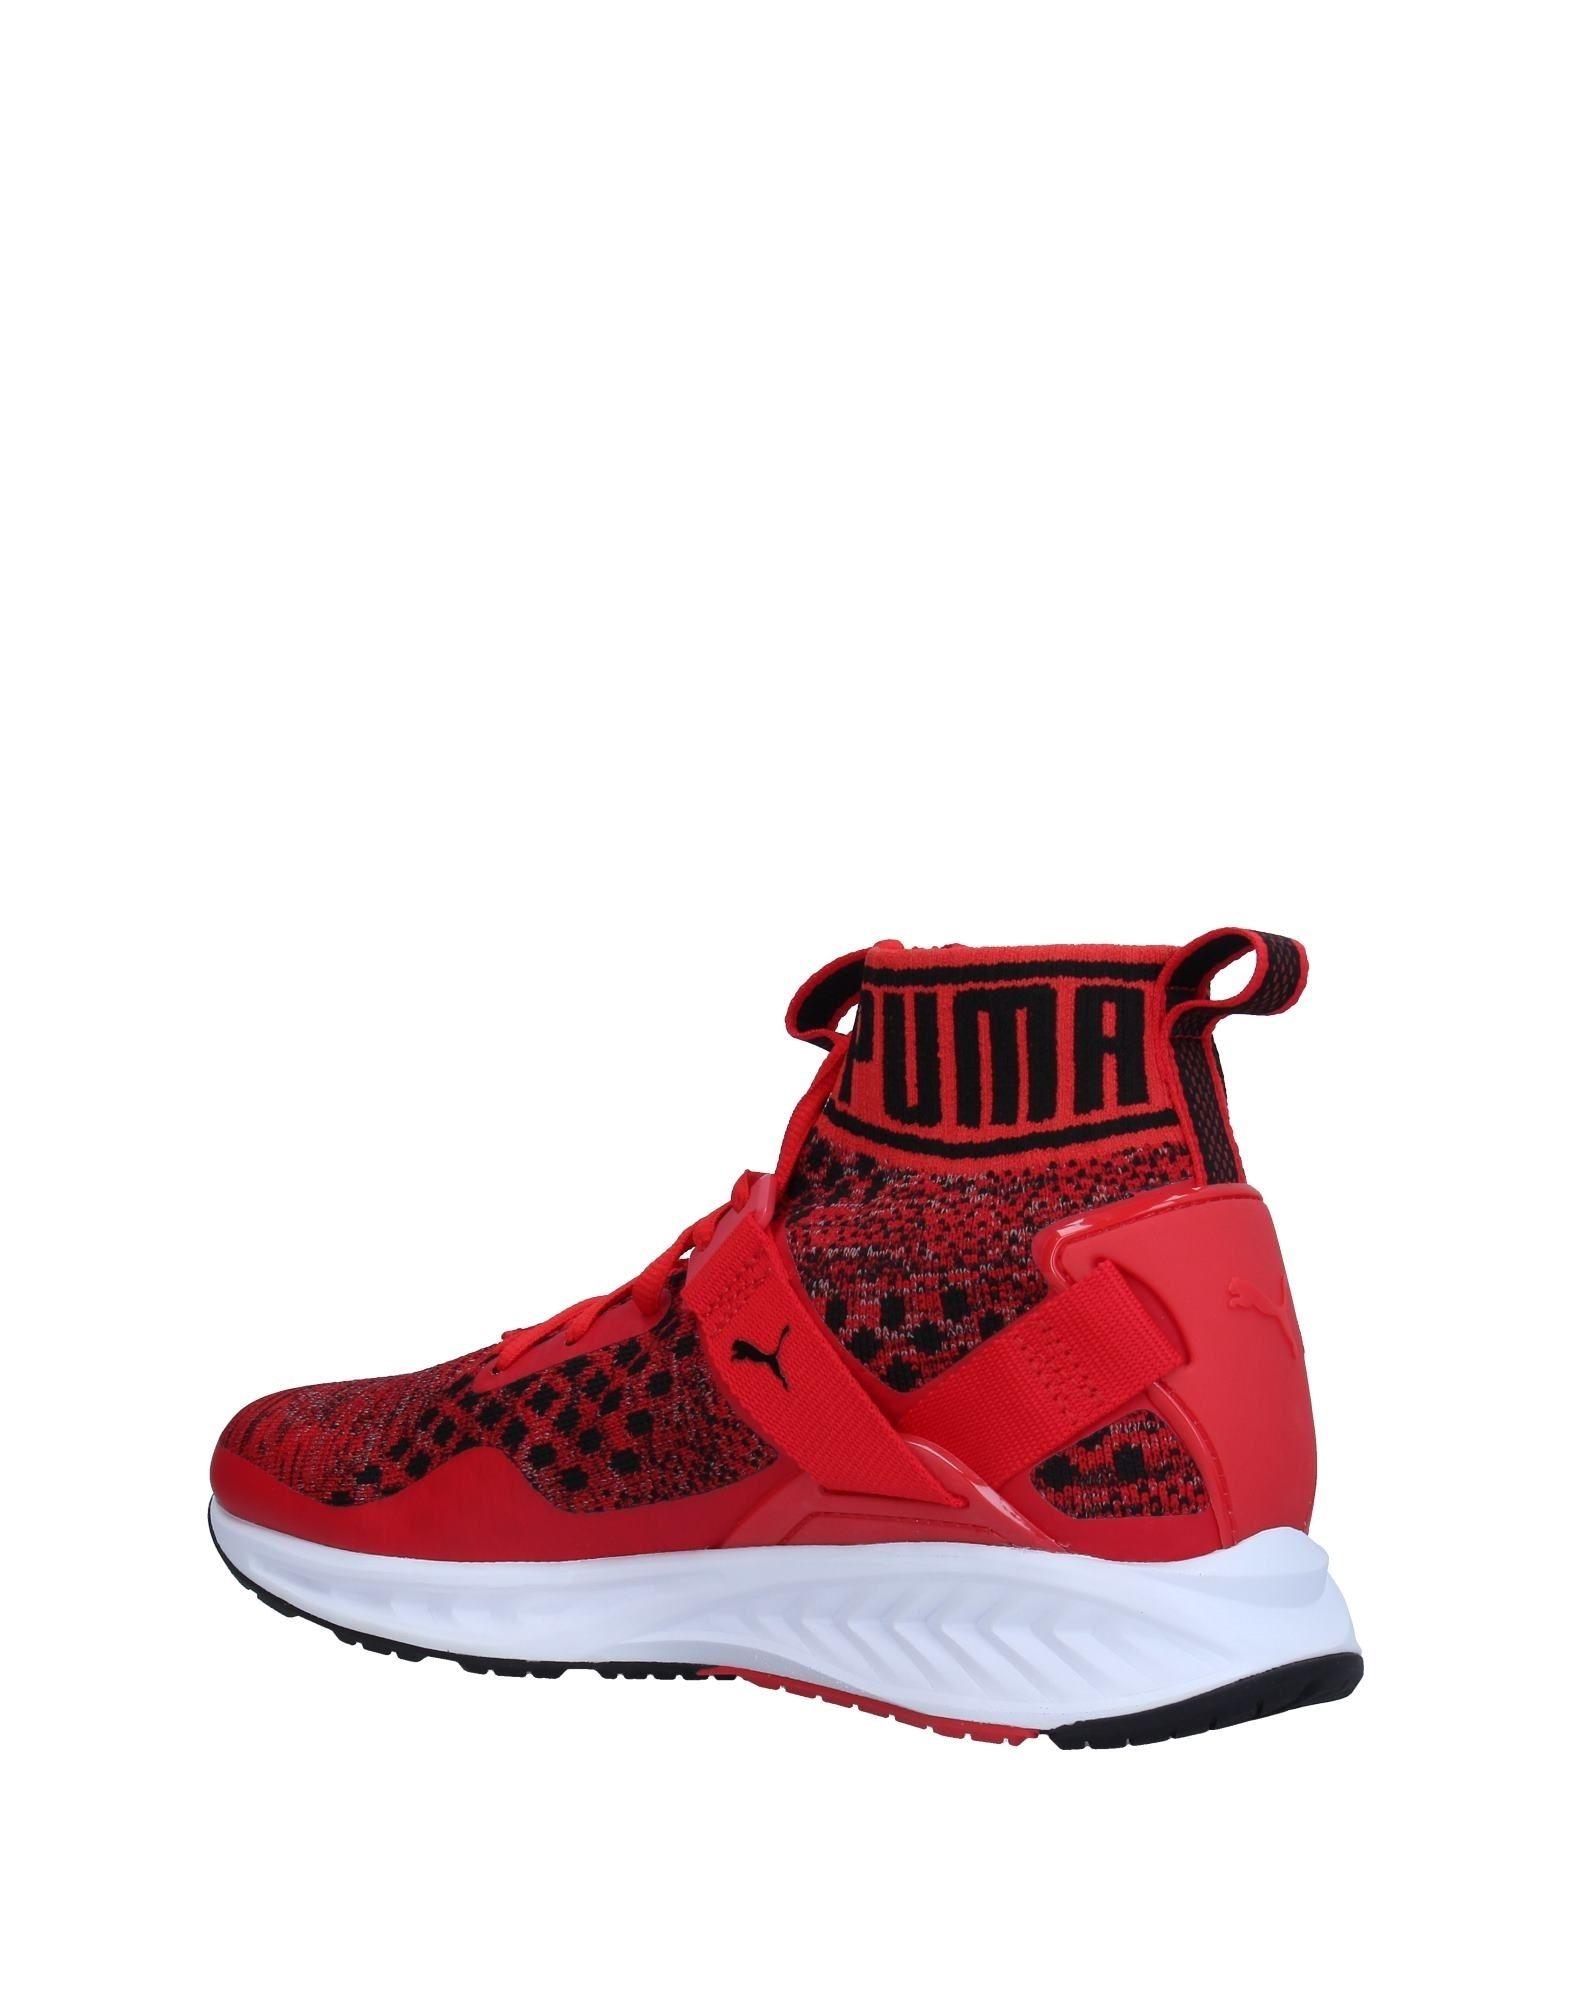 Puma Sneakers - Men Puma Puma Puma Sneakers online on  Canada - 11333637FI c6b98b